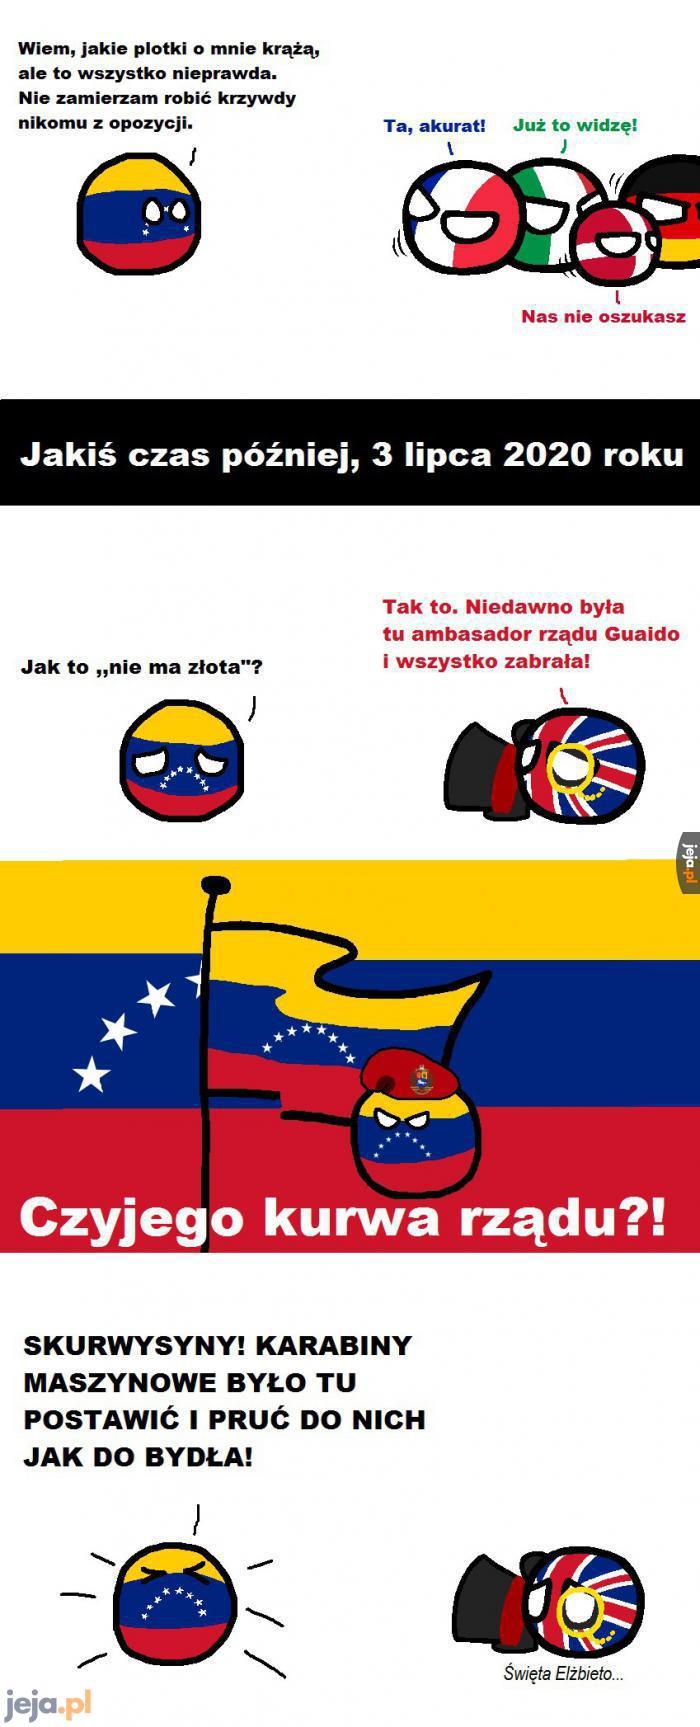 Prawdziwe oblicze Maduro, prezydenta Wenezueli